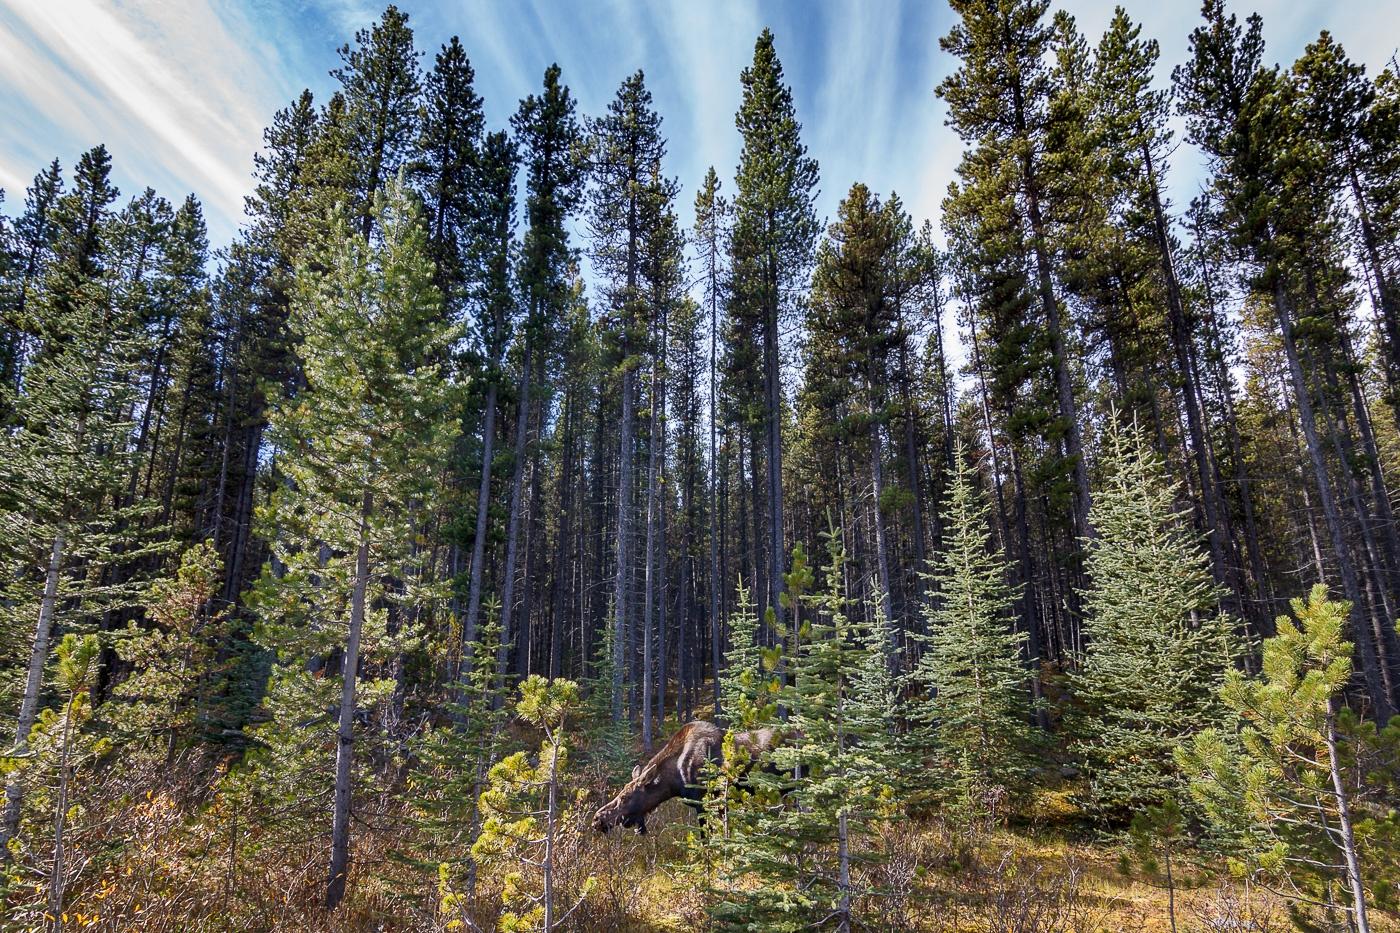 Moose (Alces alces), Jasper National Park, Canada. - Fauna de Nord-Amèrica - Raül Carmona - Fotografia, Fotografia d'estudi, esdeveniments i Natura